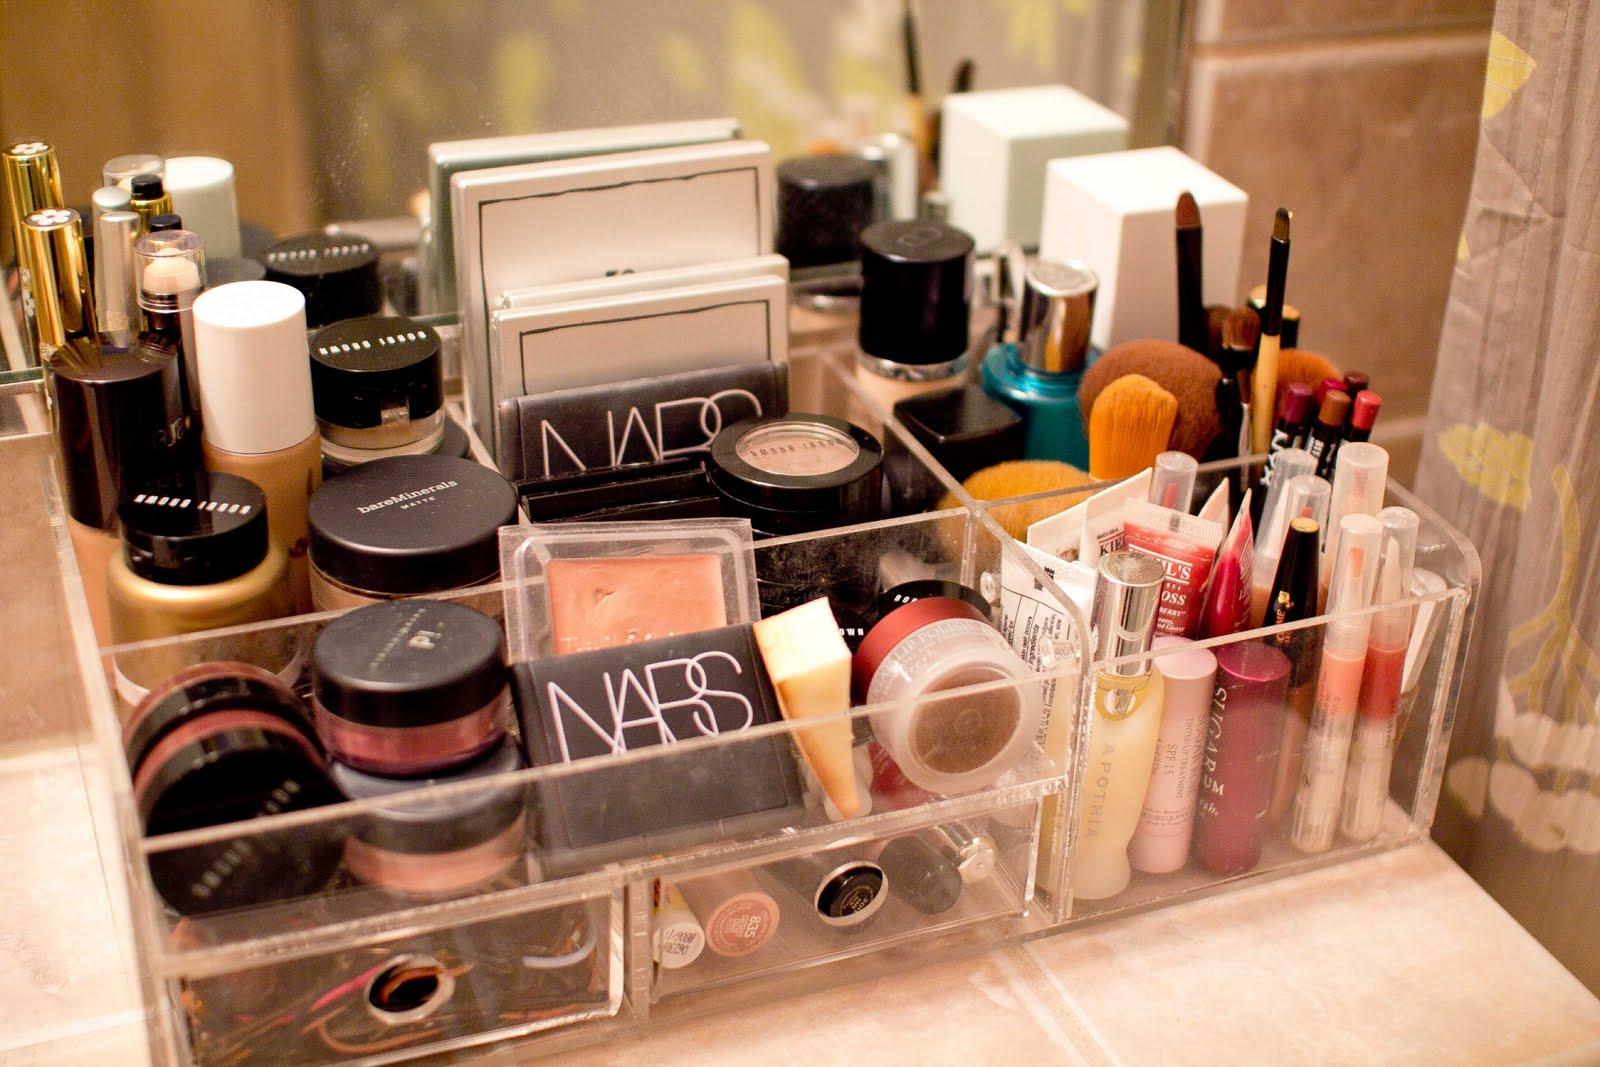 23 Tremendous Makeup Organizer Ideas - SloDive